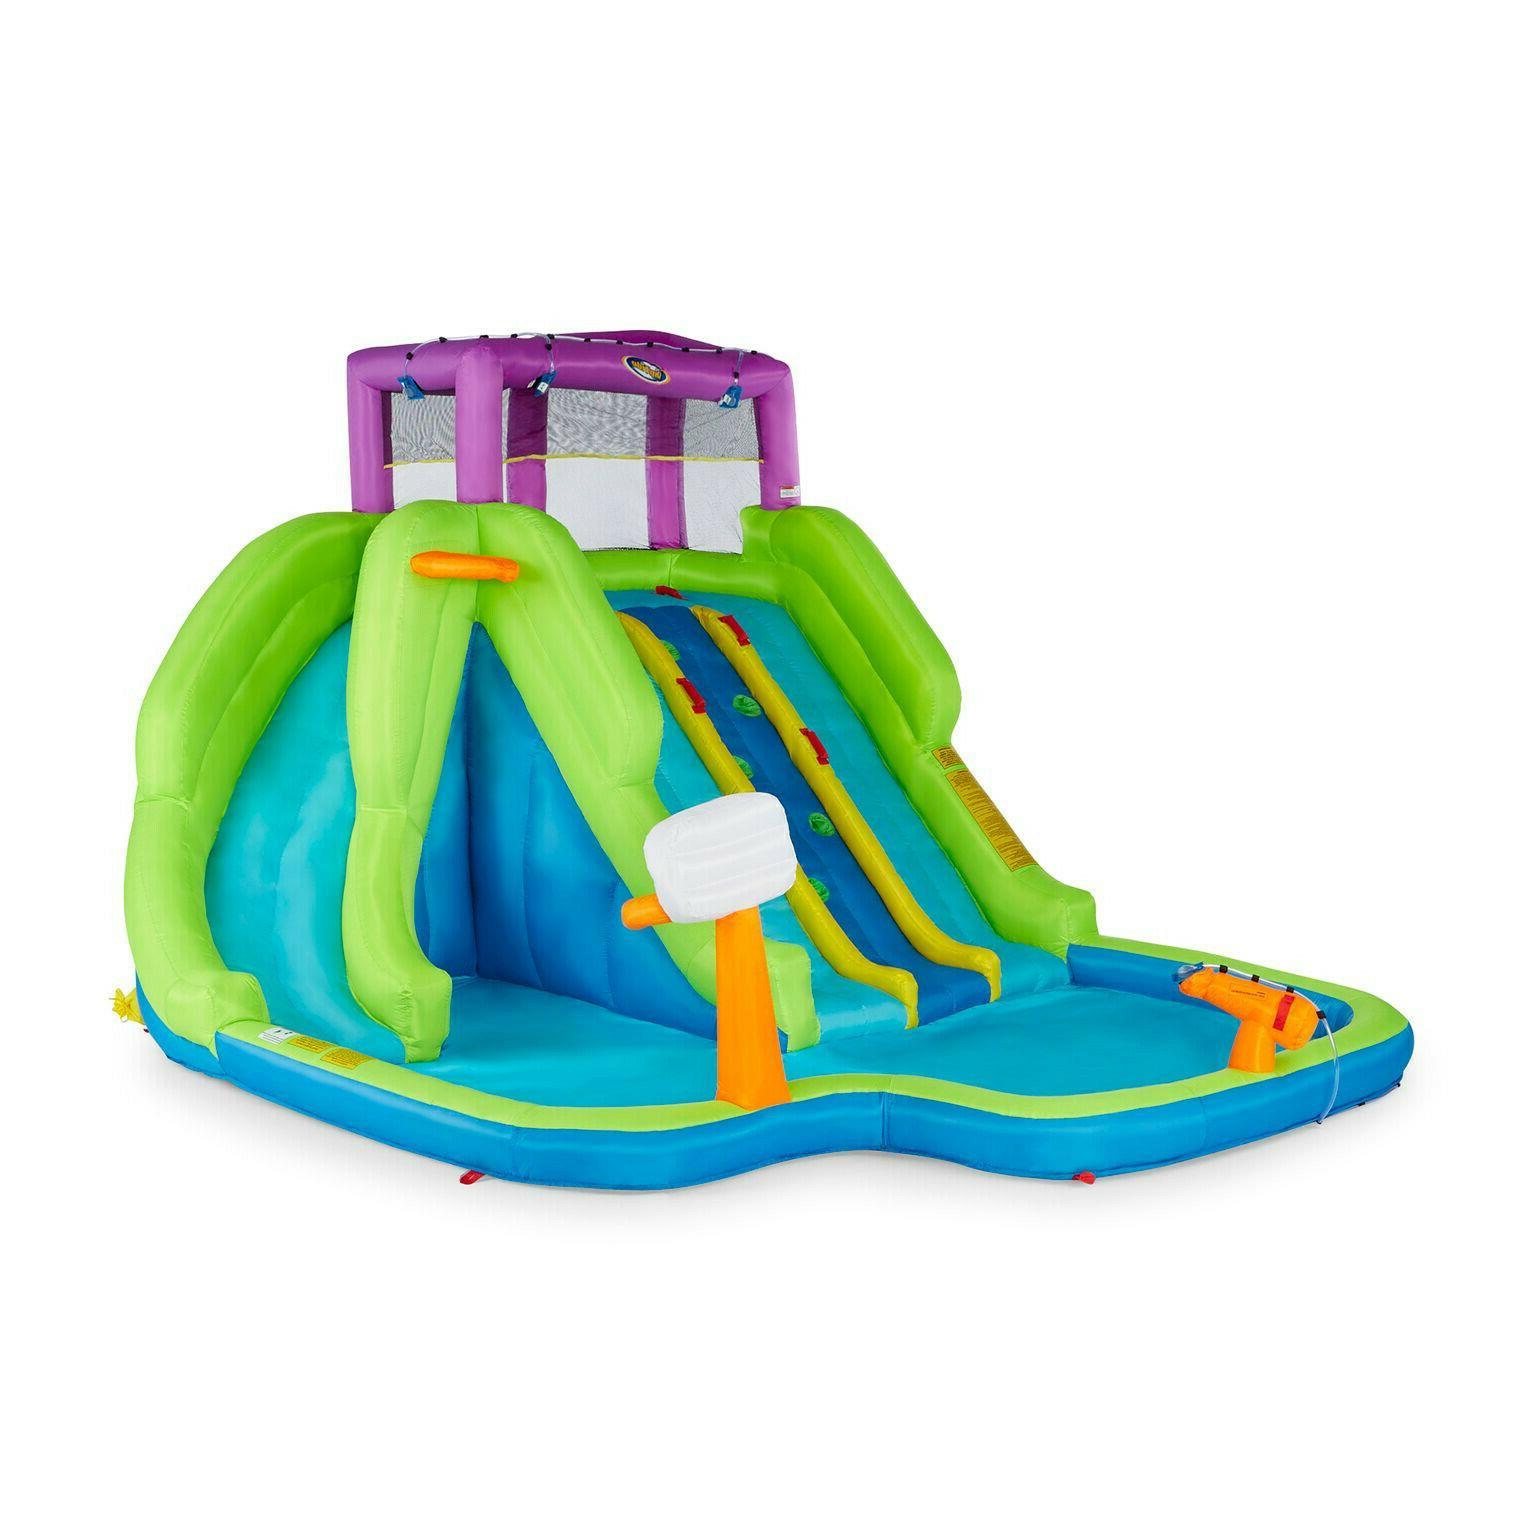 kahuna triple blast inflatable splash pool backyard